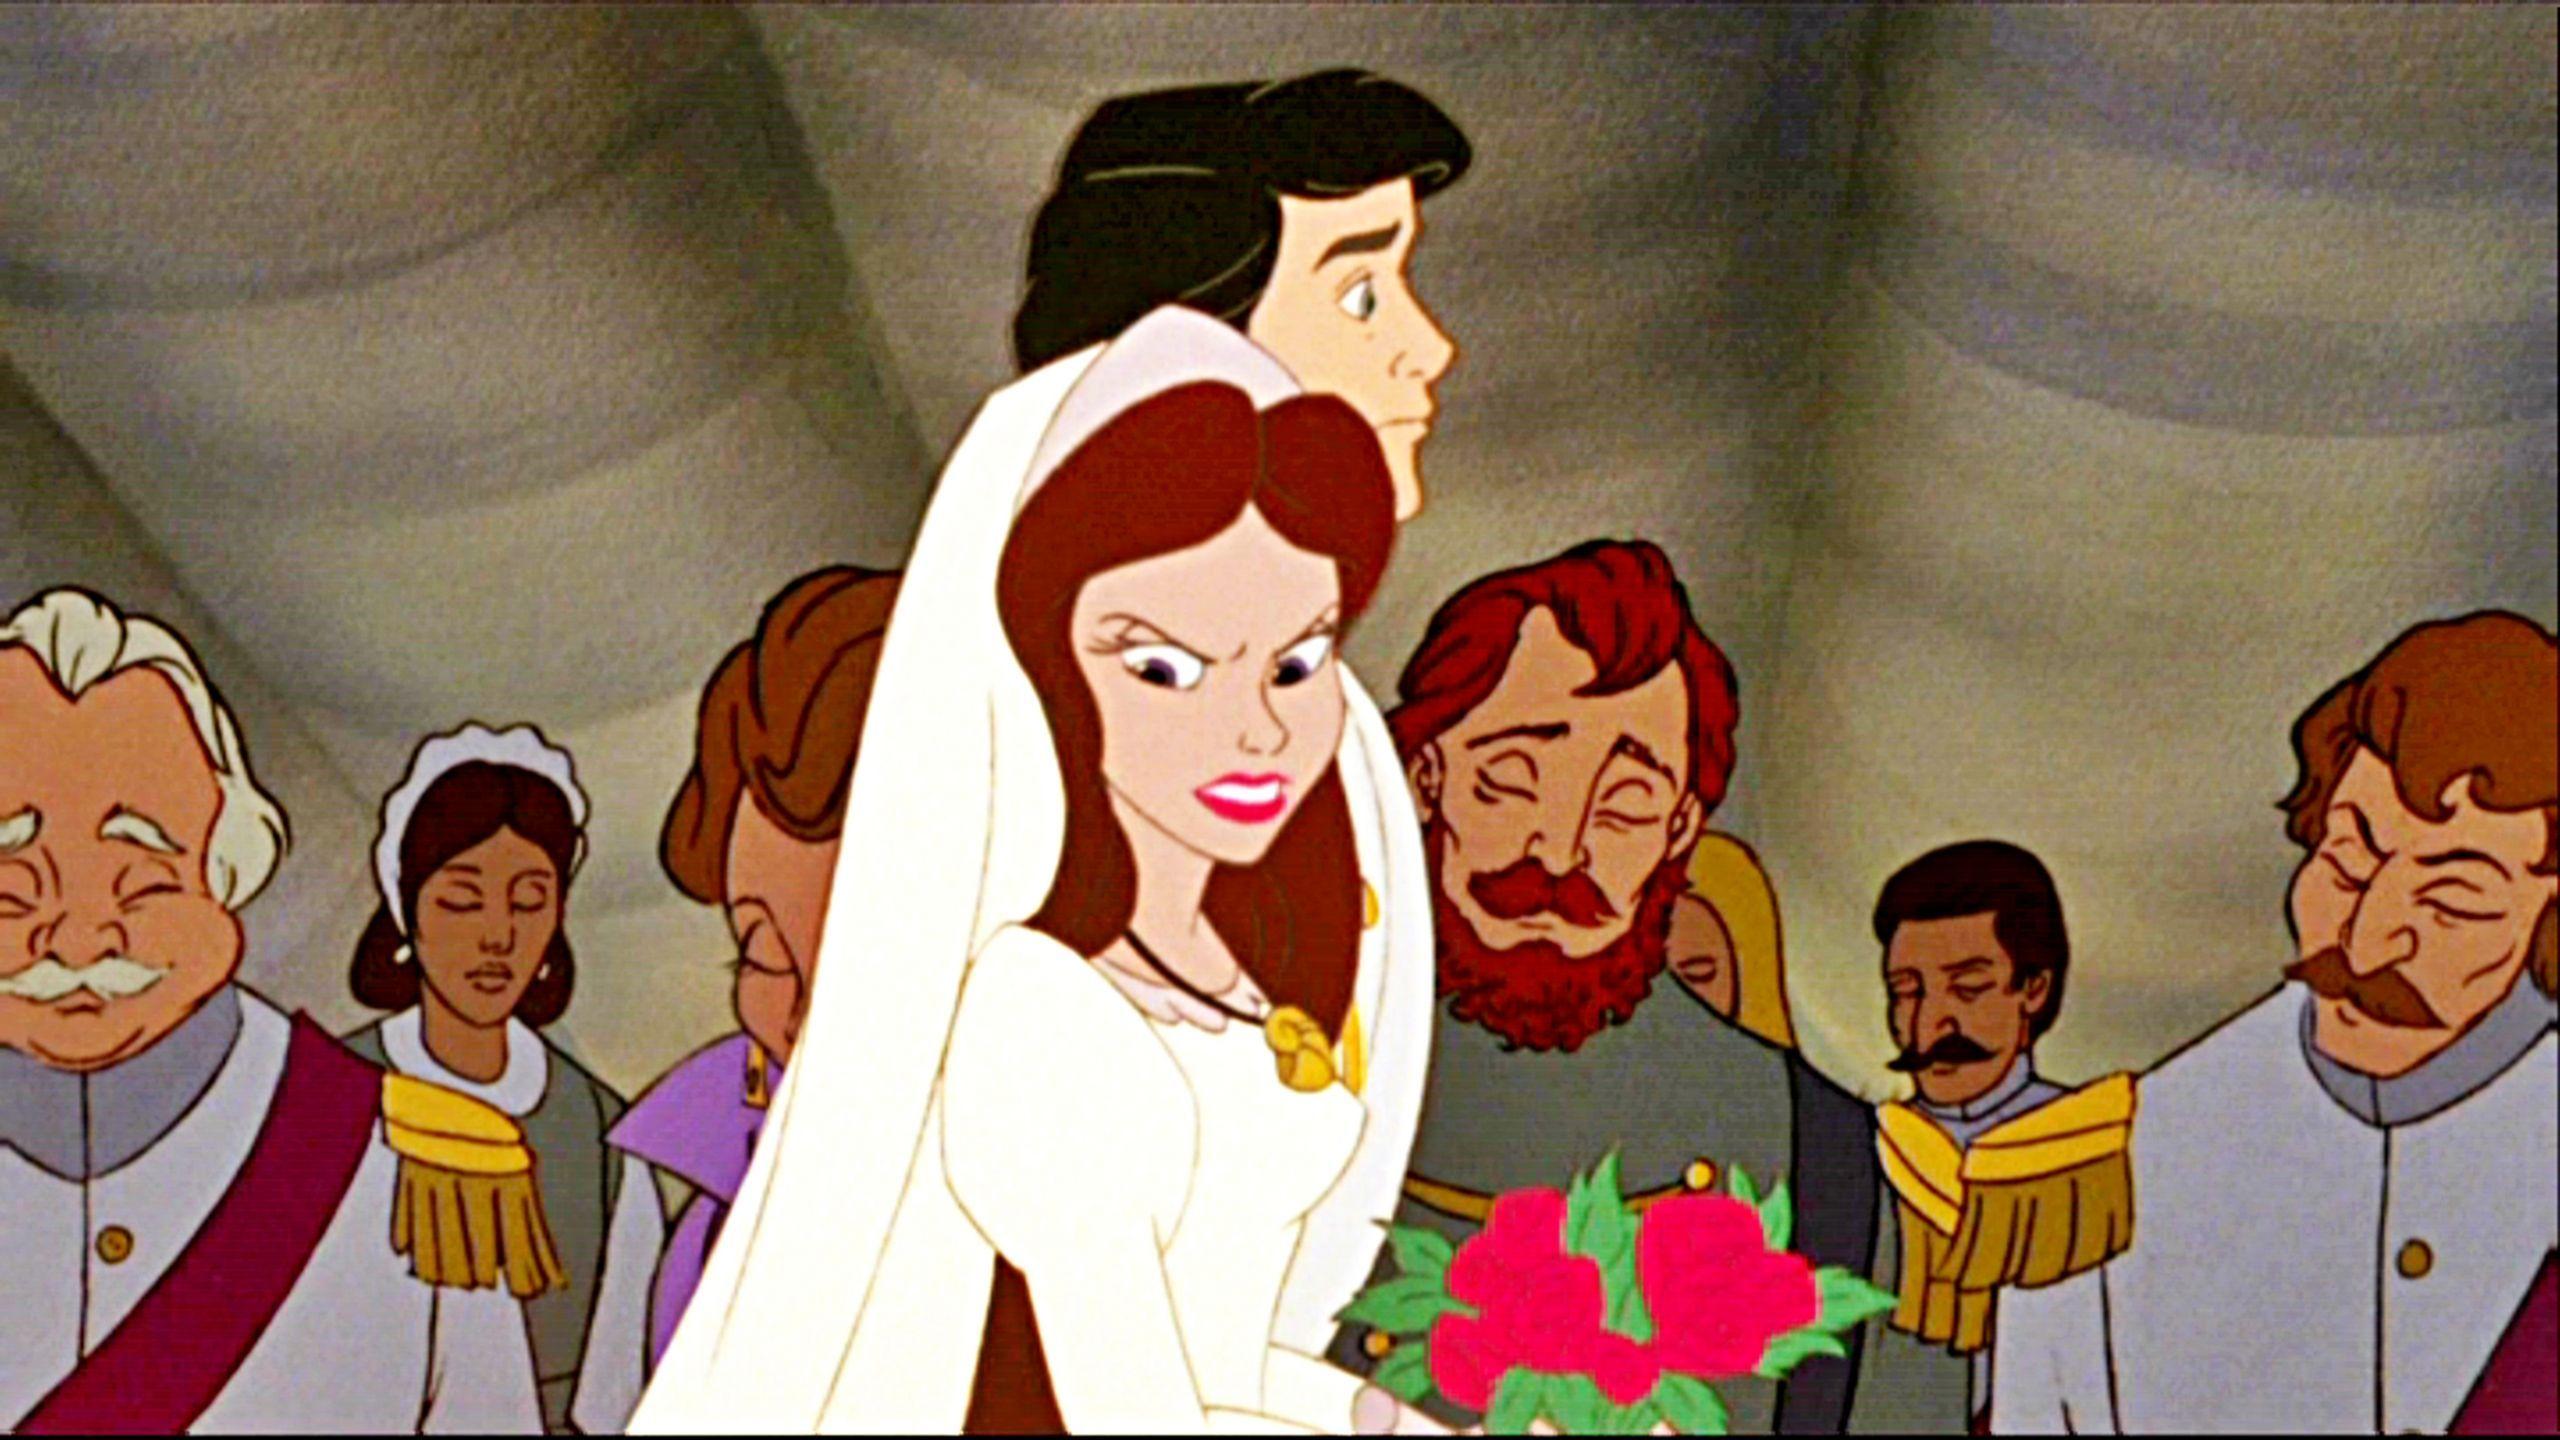 En La Sirenita, cuando Úrsula se trasforma en una novia para el príncipe Eric, ¿qué nombre usa?